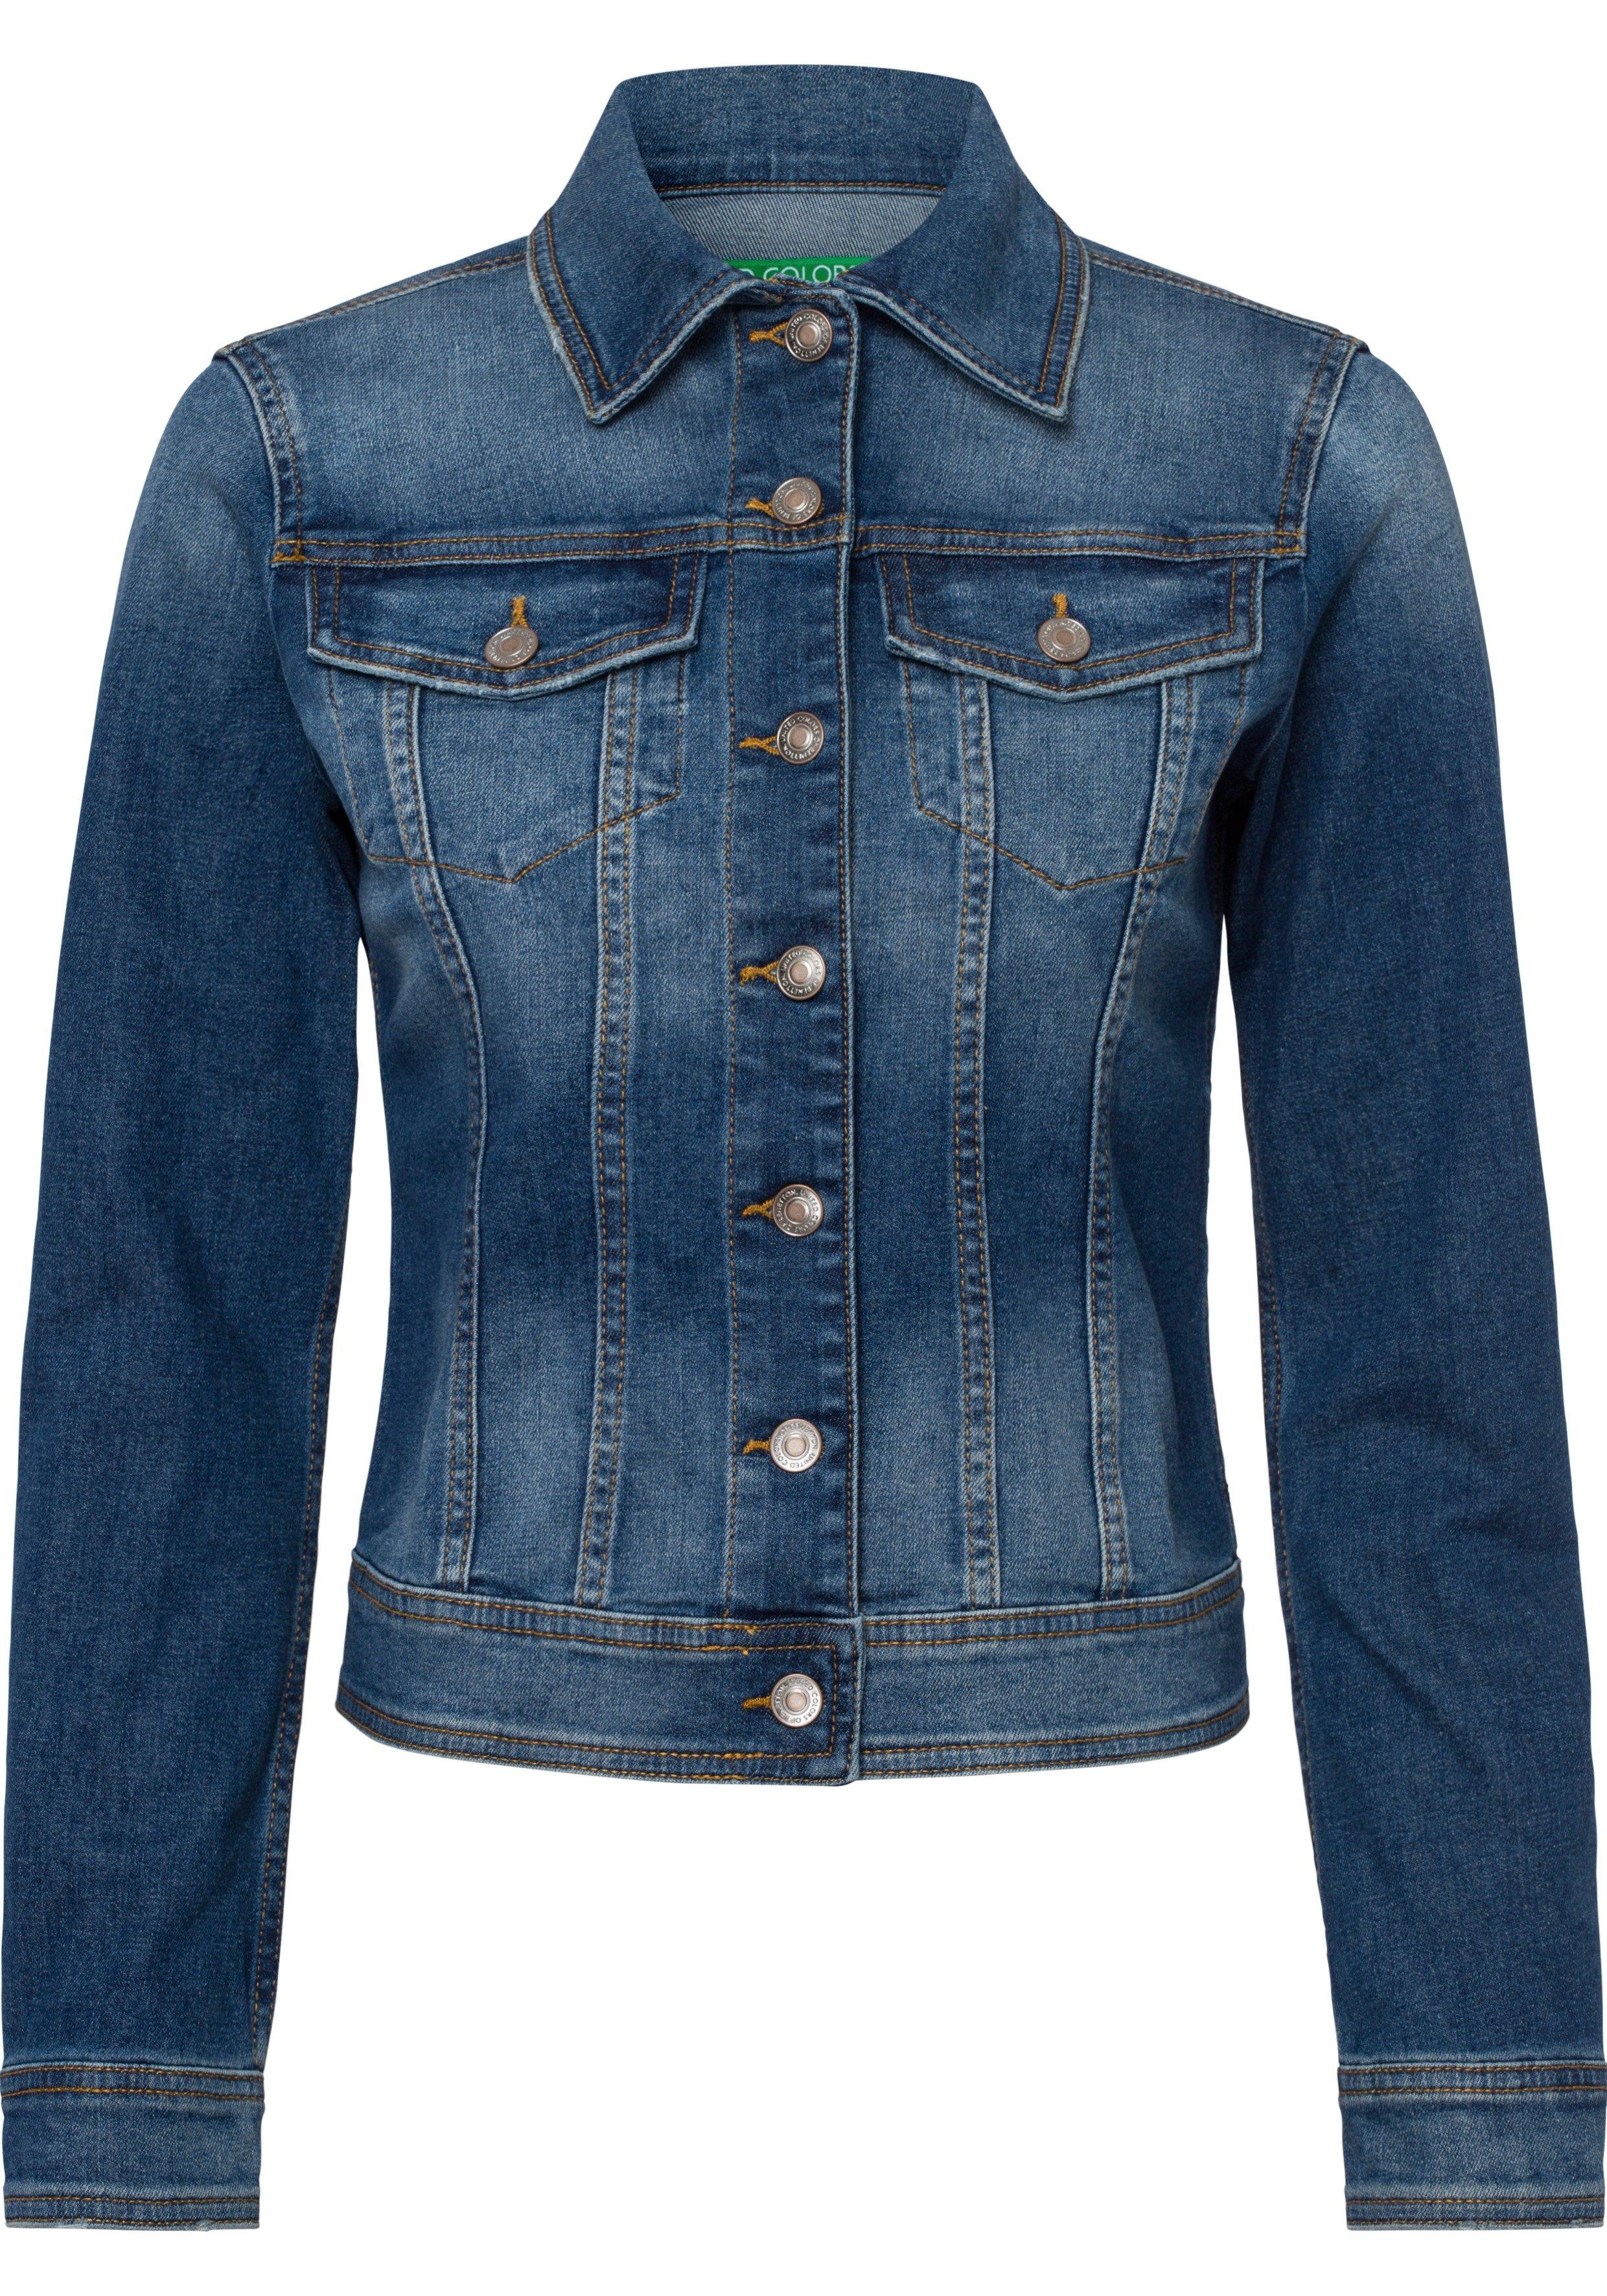 United Colors of Benetton jeansjack met markante naden veilig op otto.nl kopen